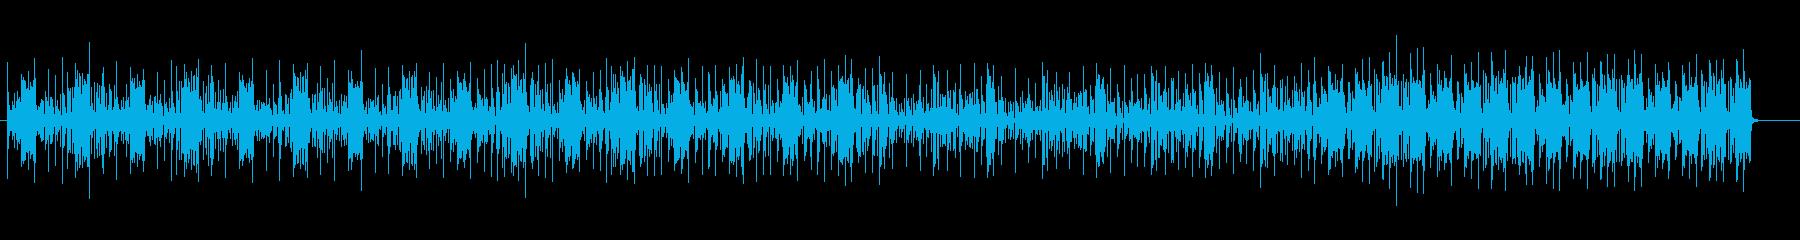 重低音が響く空間的なテクノの曲の再生済みの波形